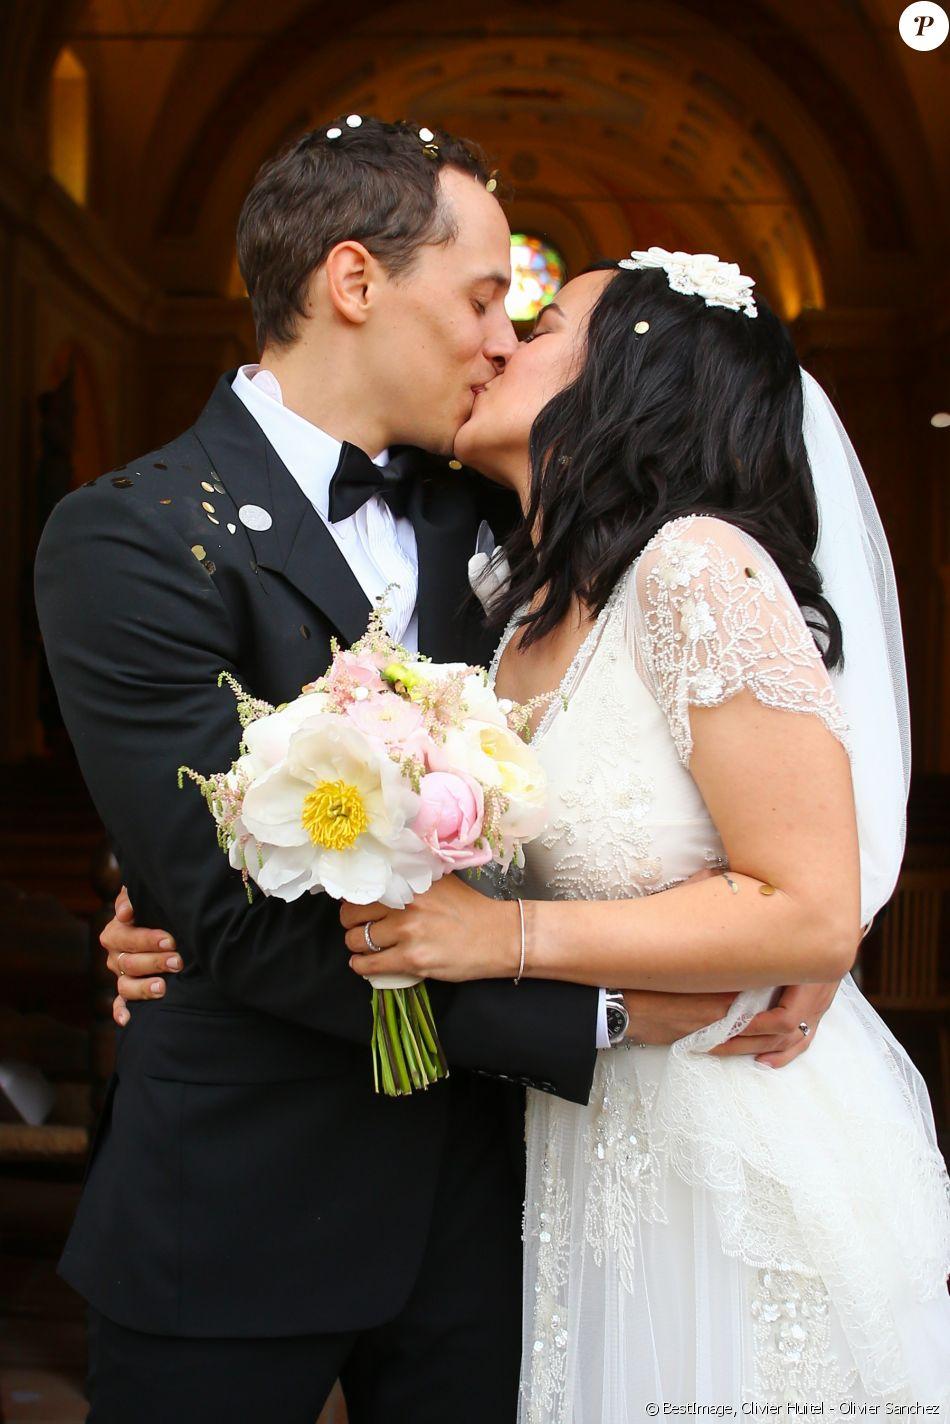 Nous avons eu des couples mariés datant dans la vraie vie